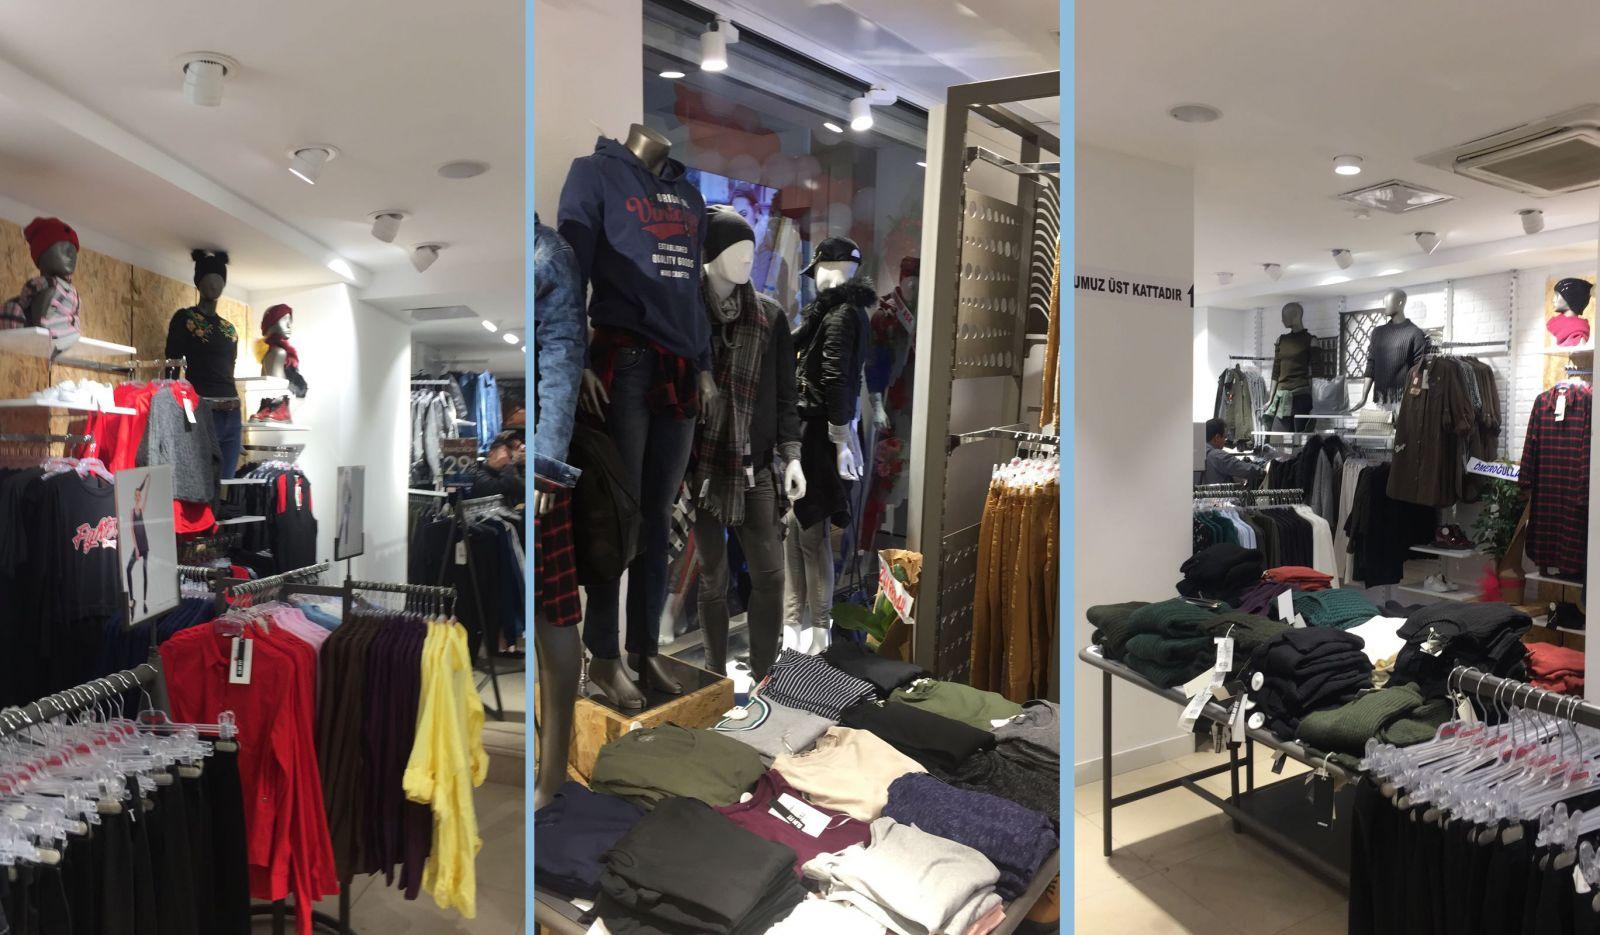 genç-giyim-mağazası-açmak Giyim mağazası açmak isteyenler için öneriler